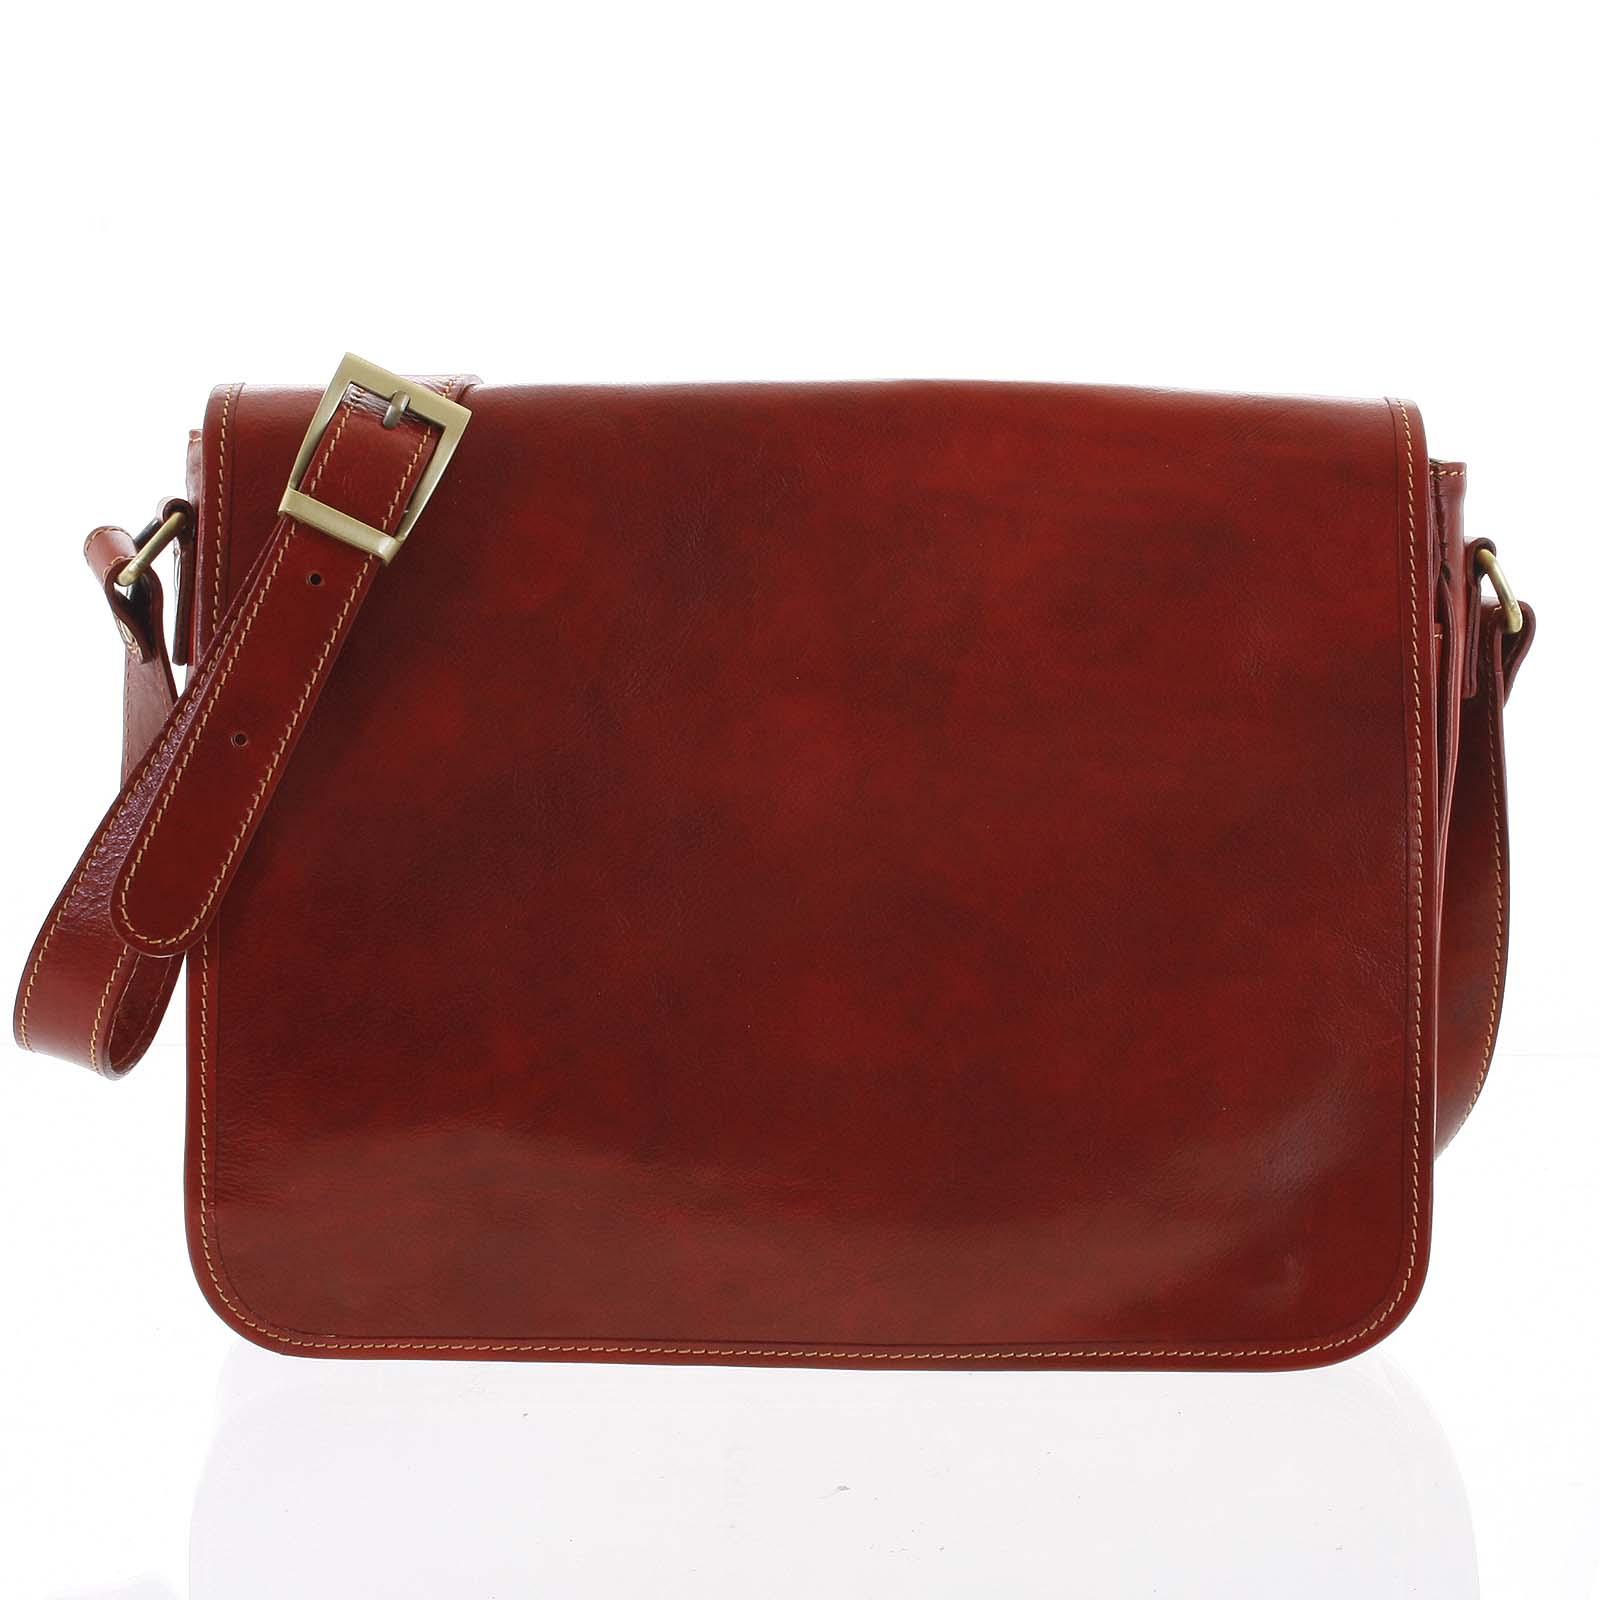 Větší pracovní kožená taška červená - ItalY Equado Achilles